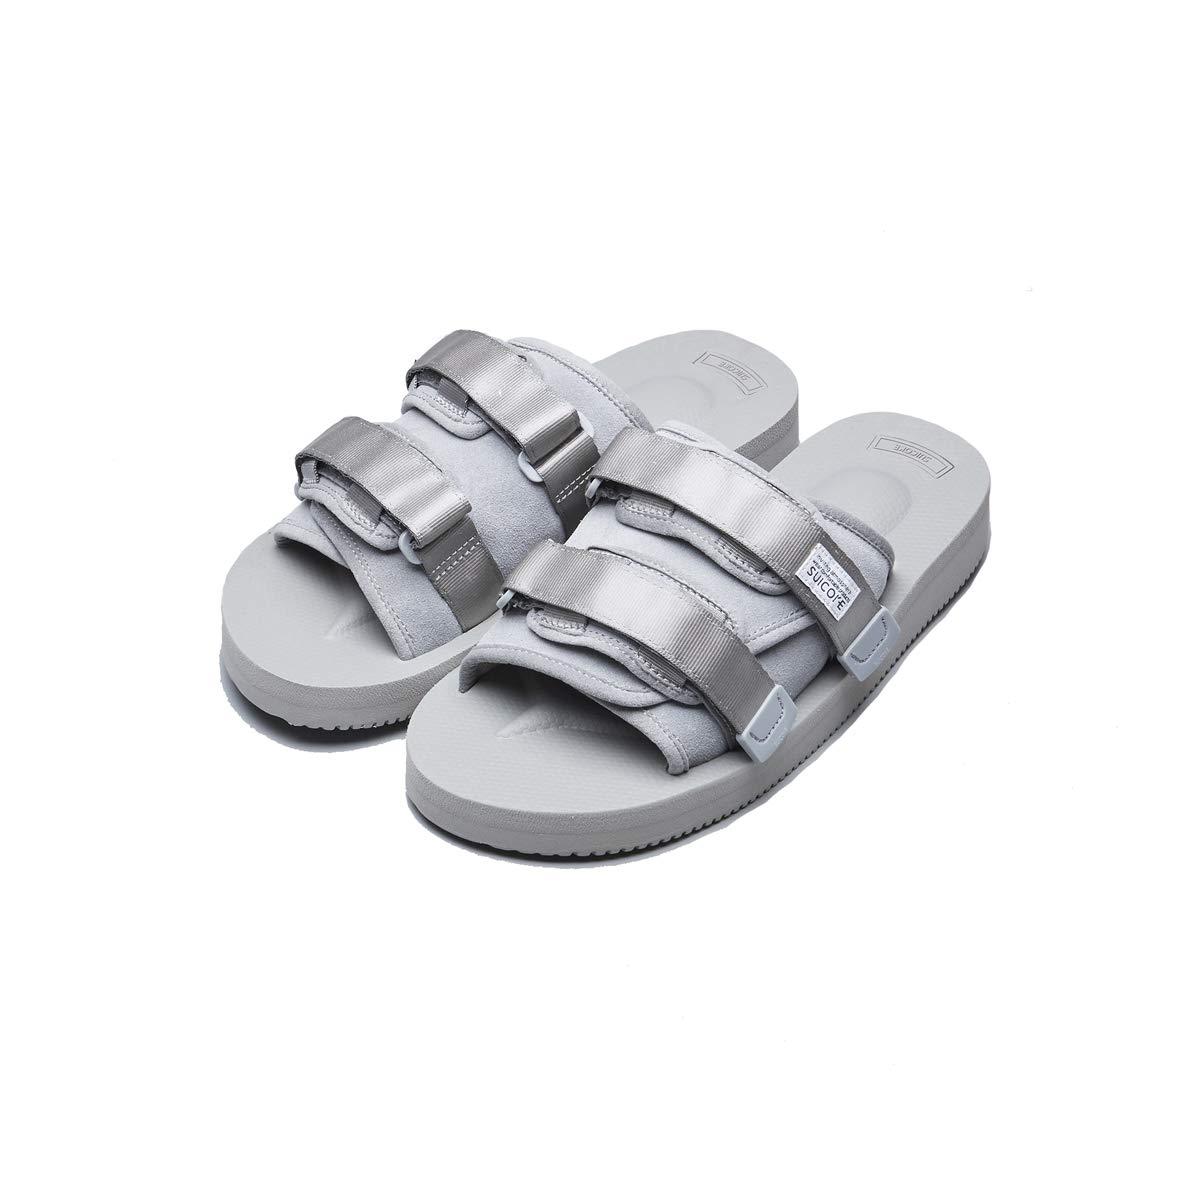 Suicoke 2019SS OG-056VS / Moto-VS Vibram Sandals Slides Slippers 4 Colors (11 M US, Gray)